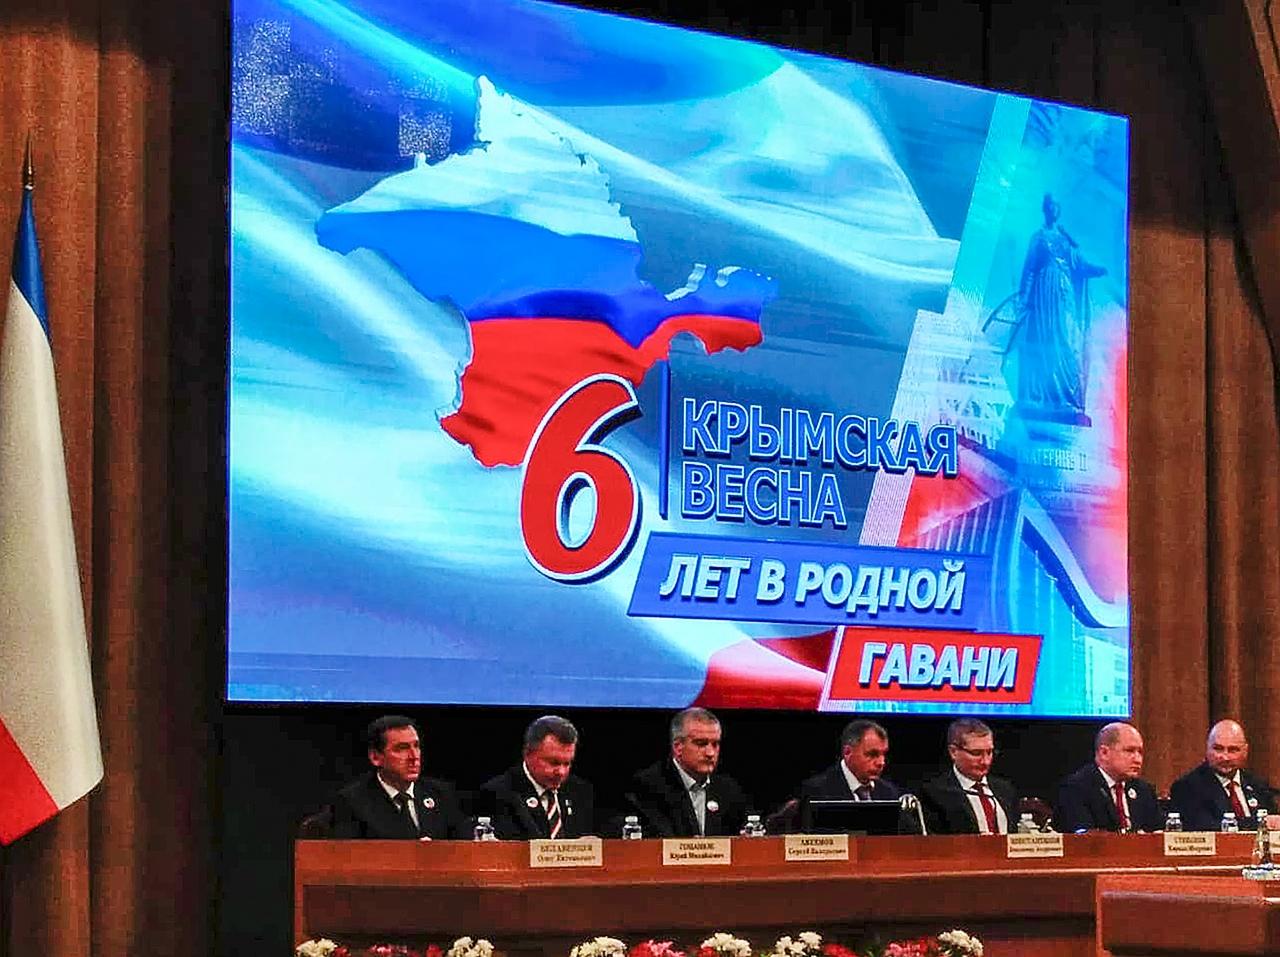 Алексей Кулемзин посетил столицу Крыма по случаю 6-й годовщины Общекрымского референдума 2014 года